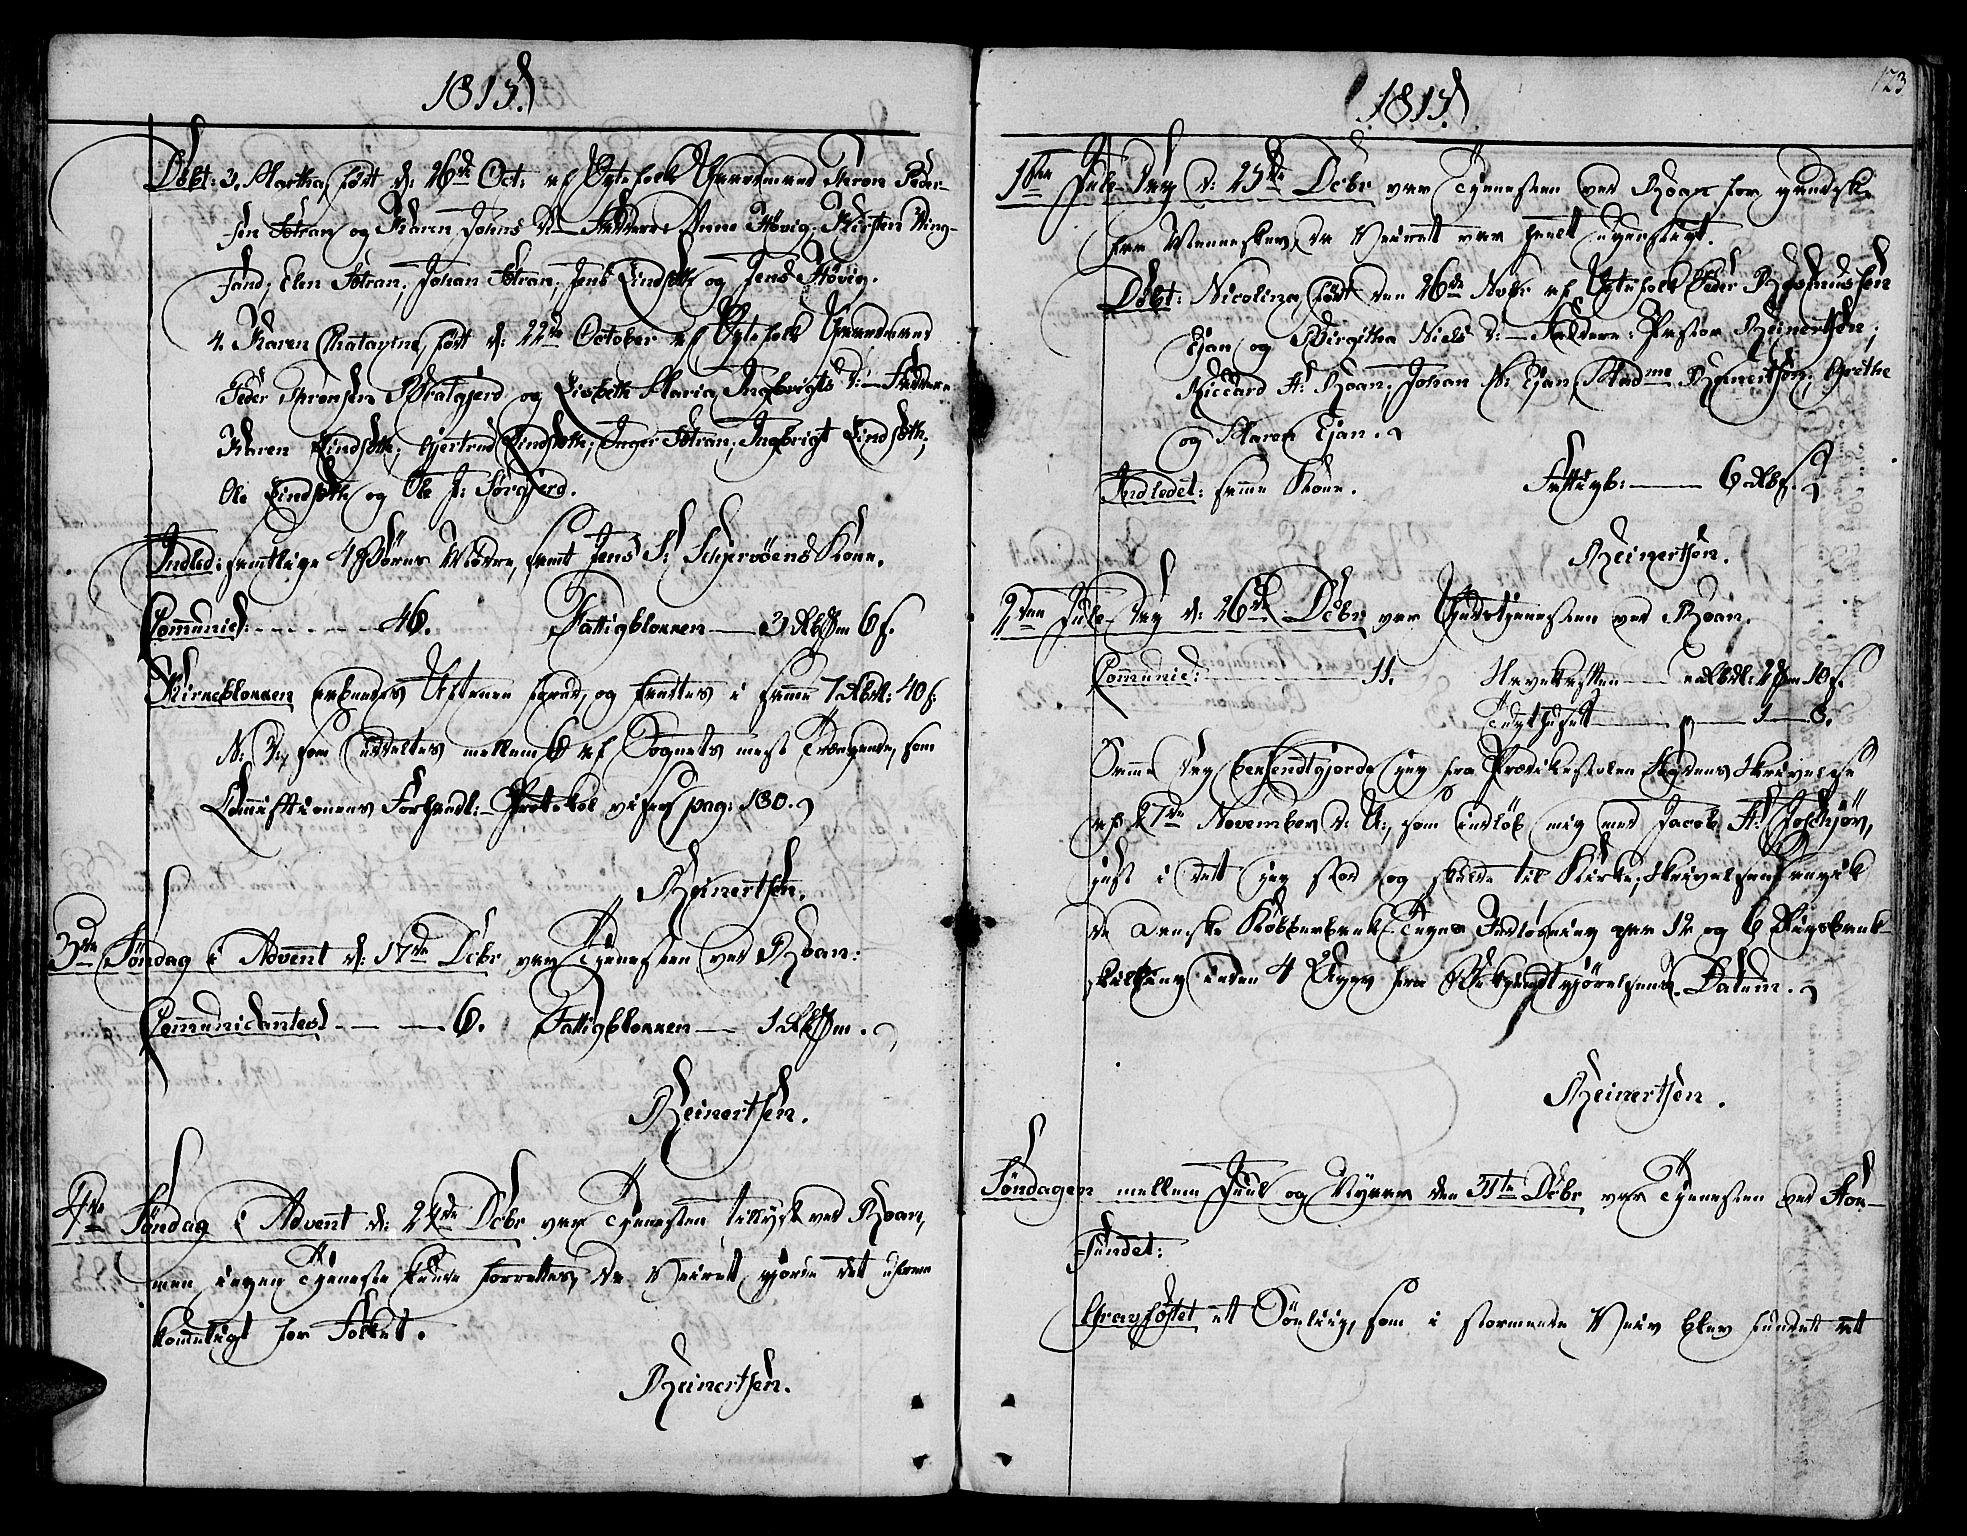 SAT, Ministerialprotokoller, klokkerbøker og fødselsregistre - Sør-Trøndelag, 657/L0701: Ministerialbok nr. 657A02, 1802-1831, s. 123